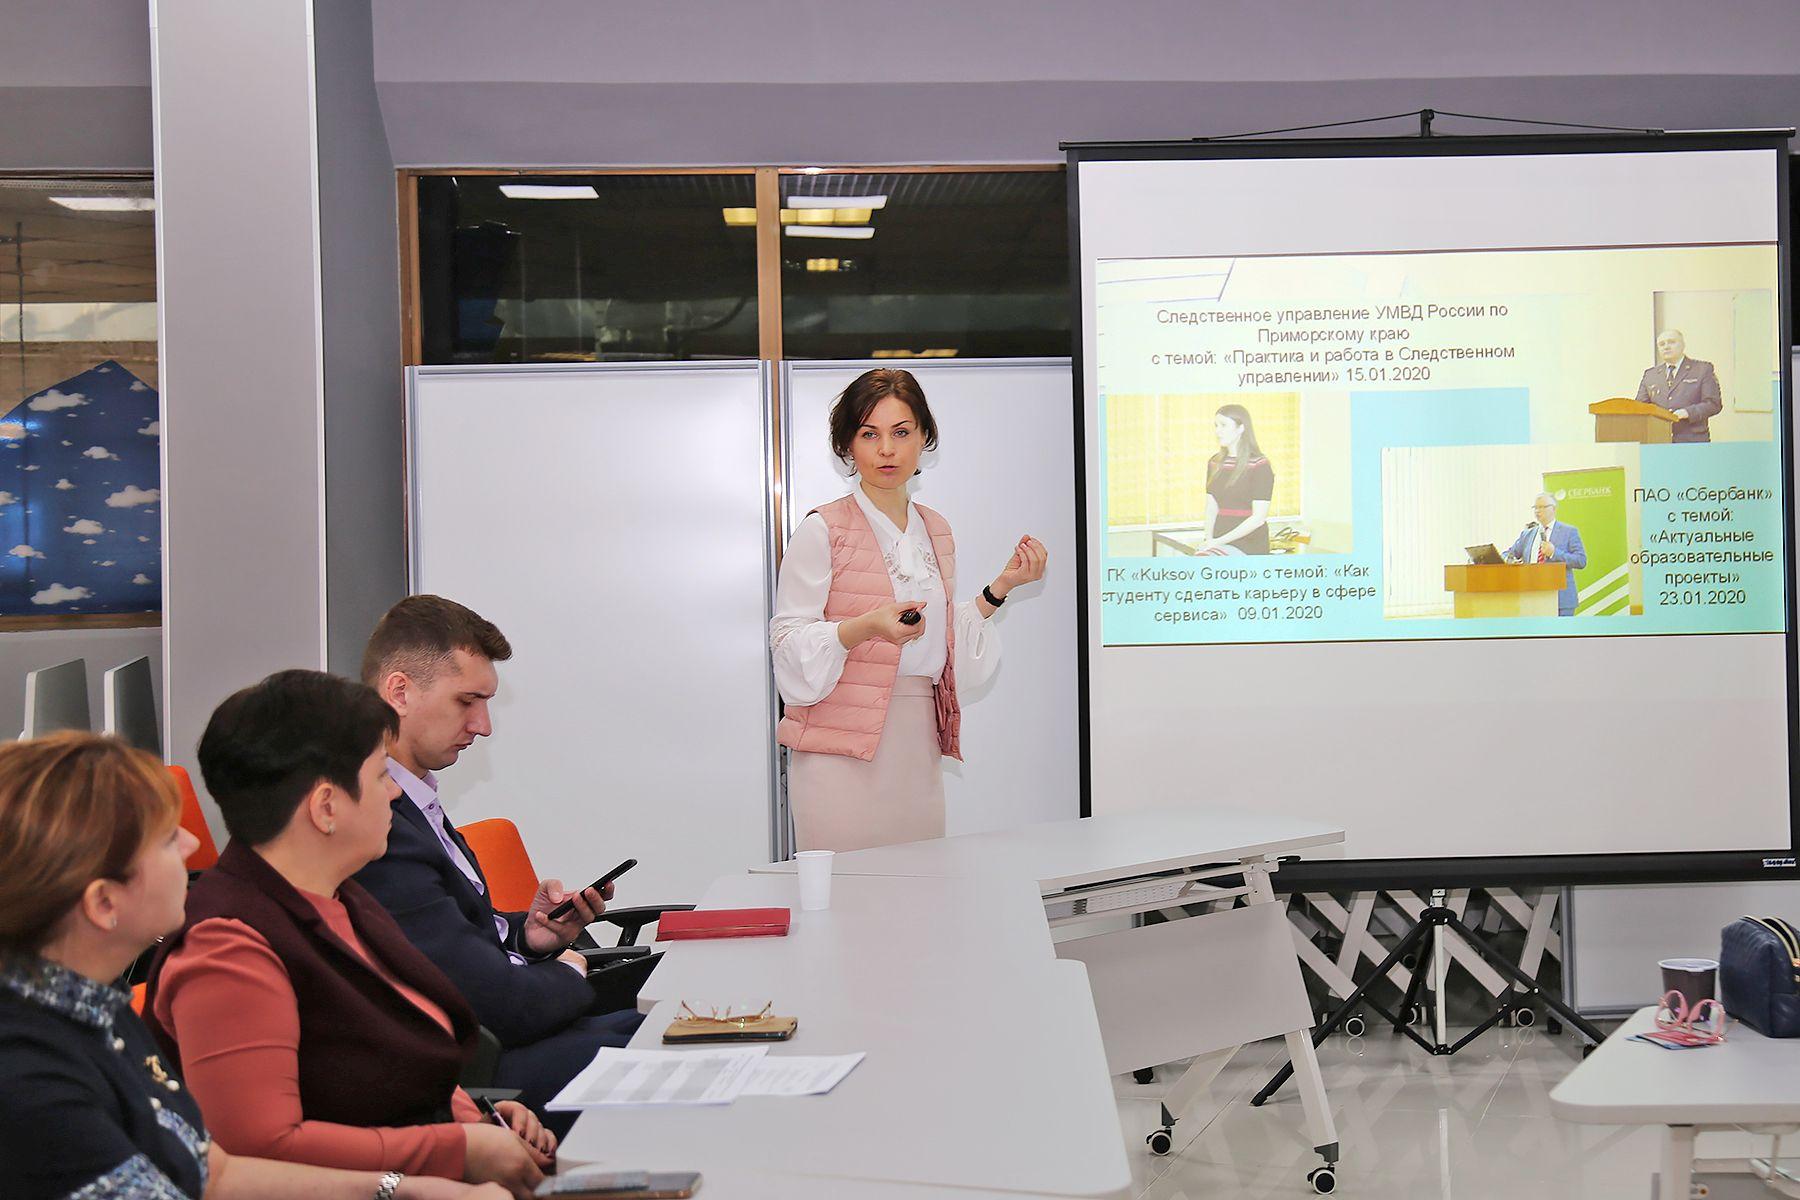 Интеграция науки и бизнеса: ВГУЭС и Ассоциация «Бизнес-клуб «Авангард» договорились о долгосрочном партнерстве